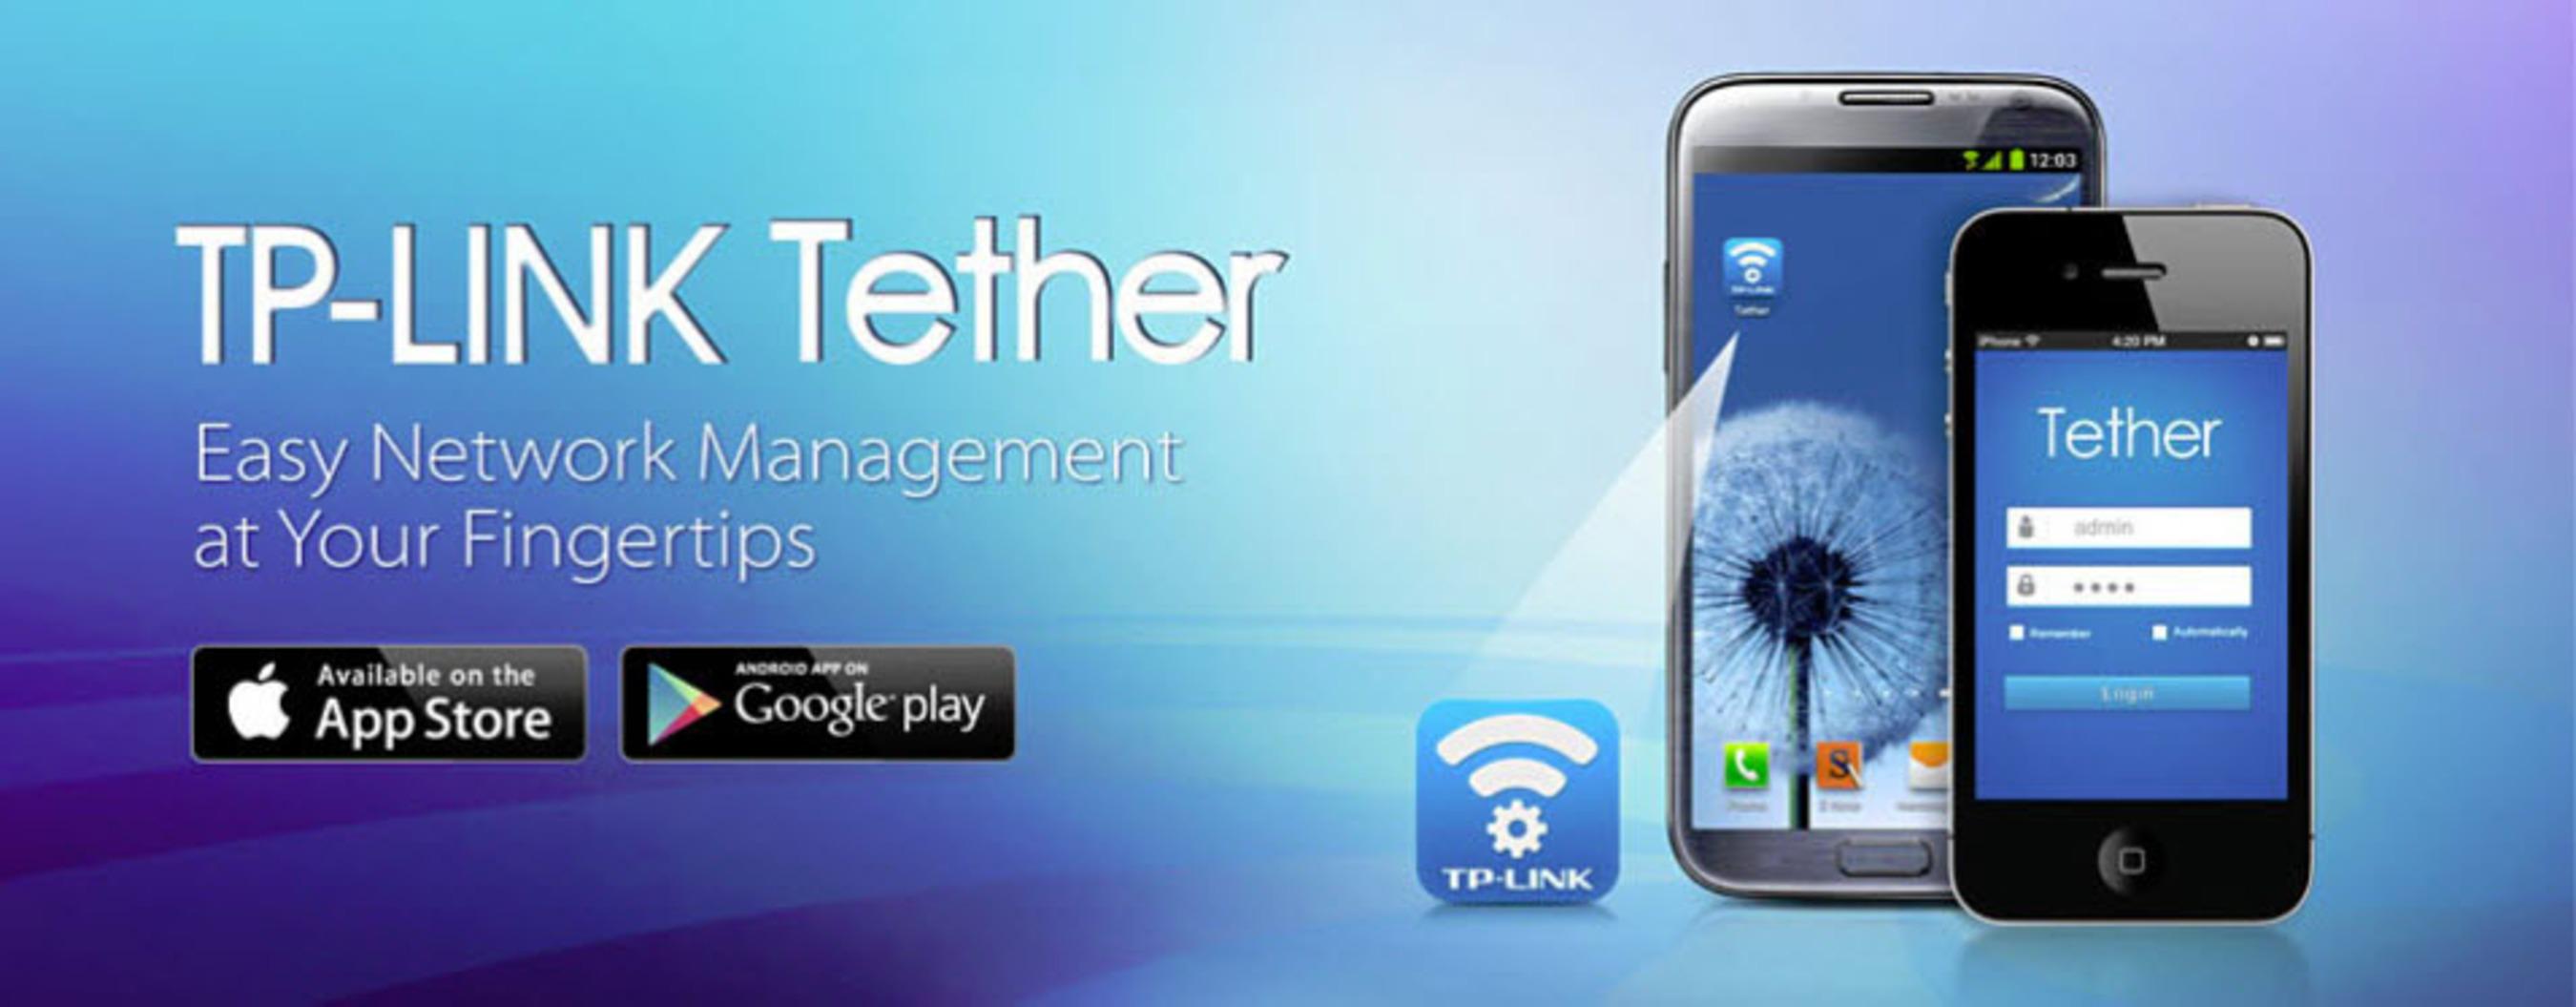 TP-LINK tether.  (PRNewsFoto/TP-LINK)